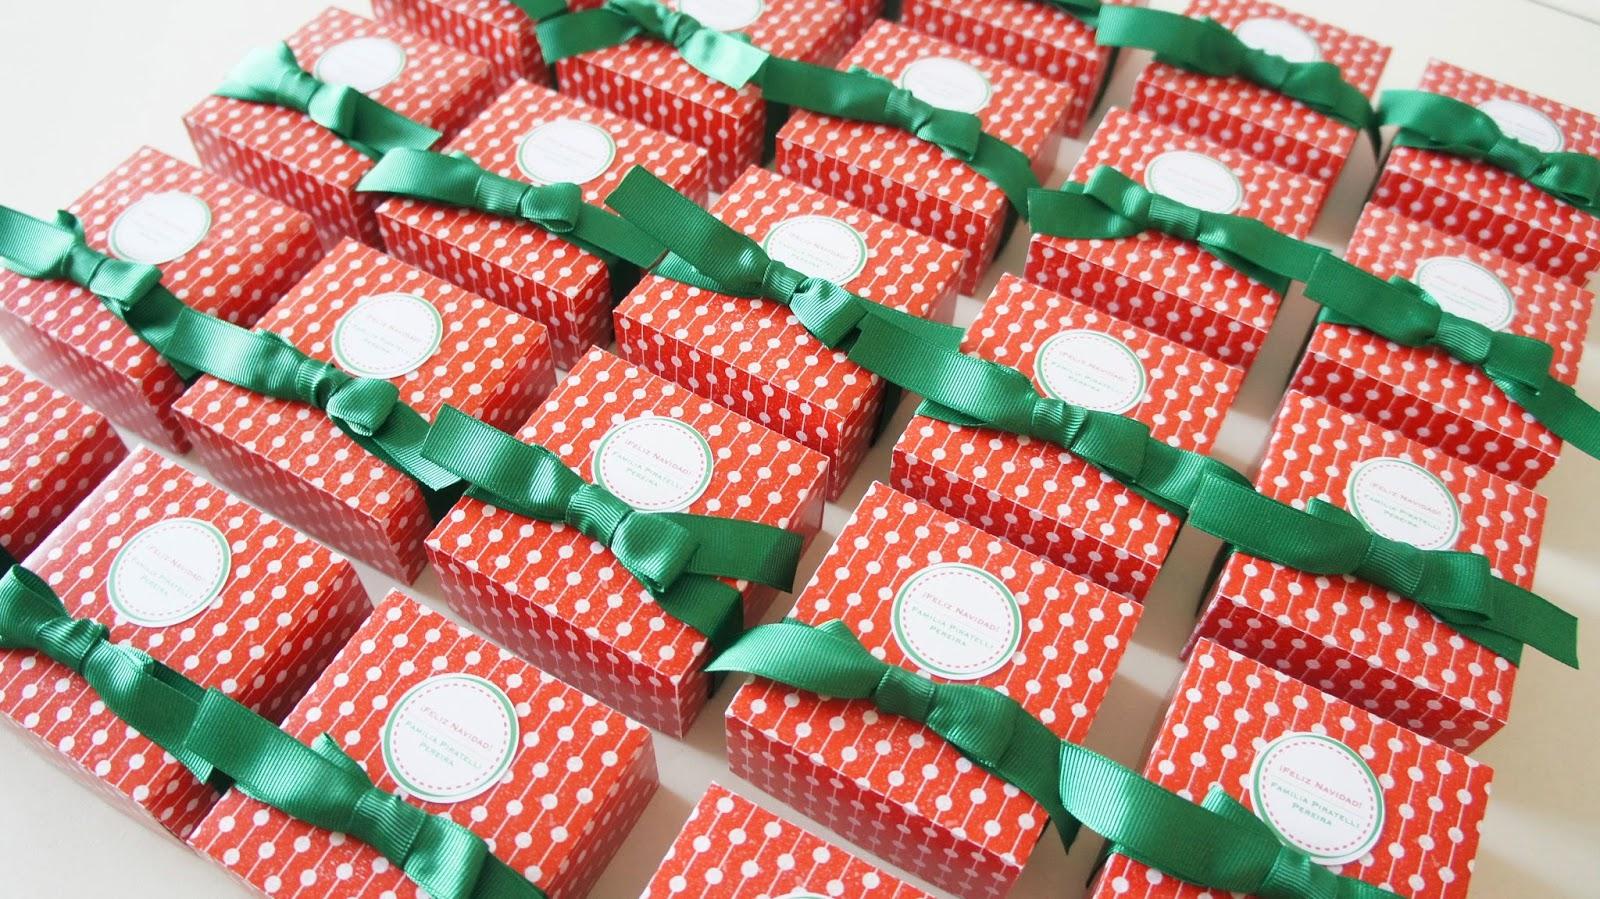 Regalos personalizados para navidad alibombo - Regalos para navidad 2015 ...